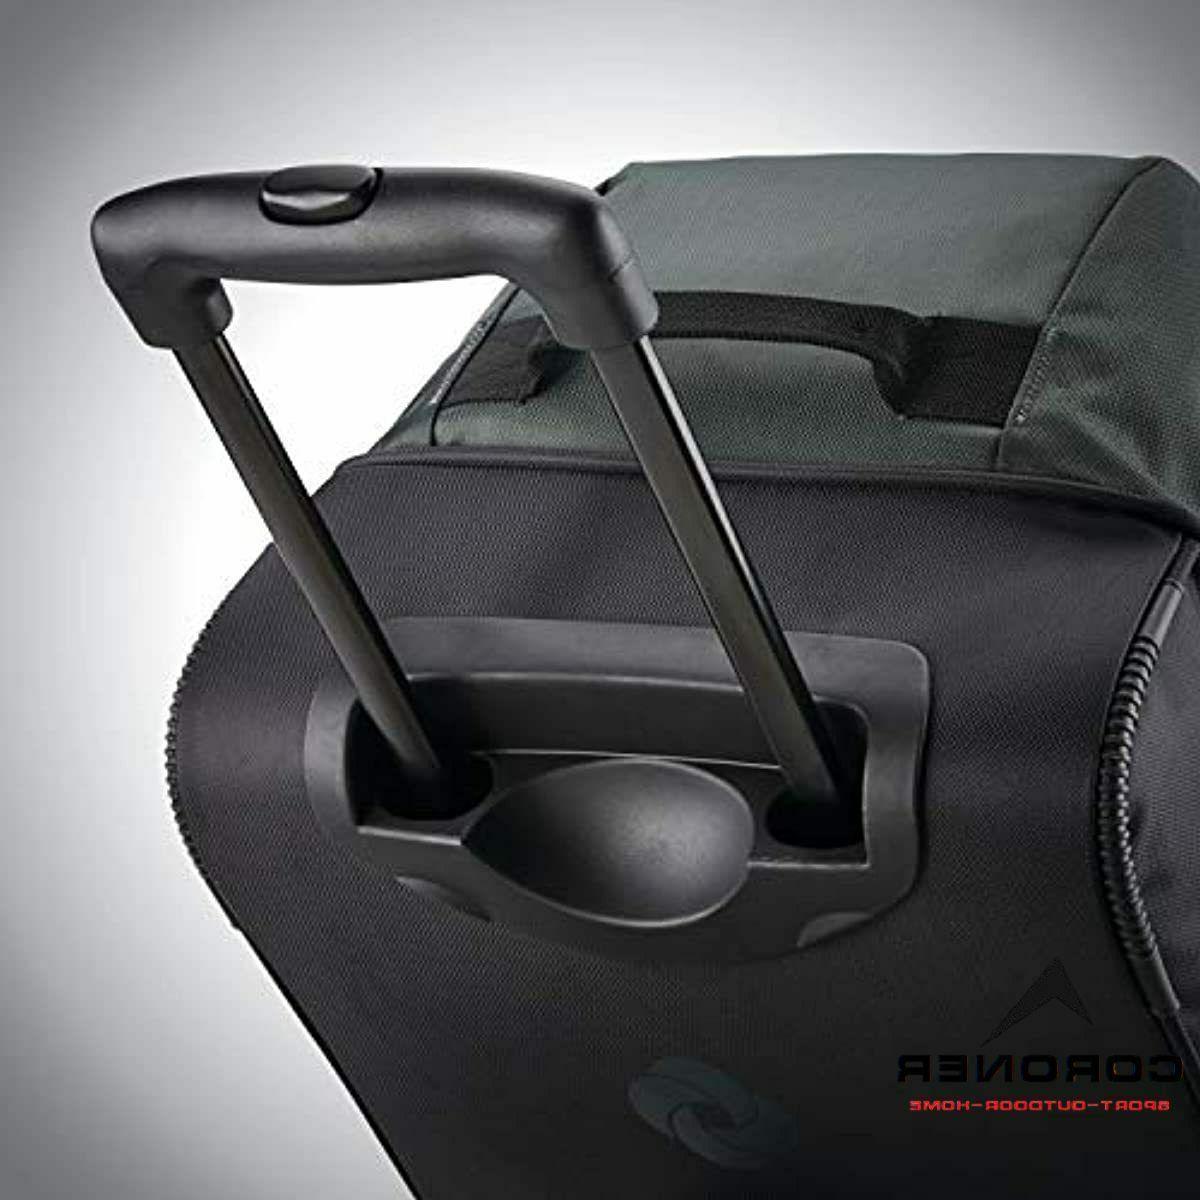 Samsonite 2 Bottom Rolling Bag, Moss Green/Black, 22